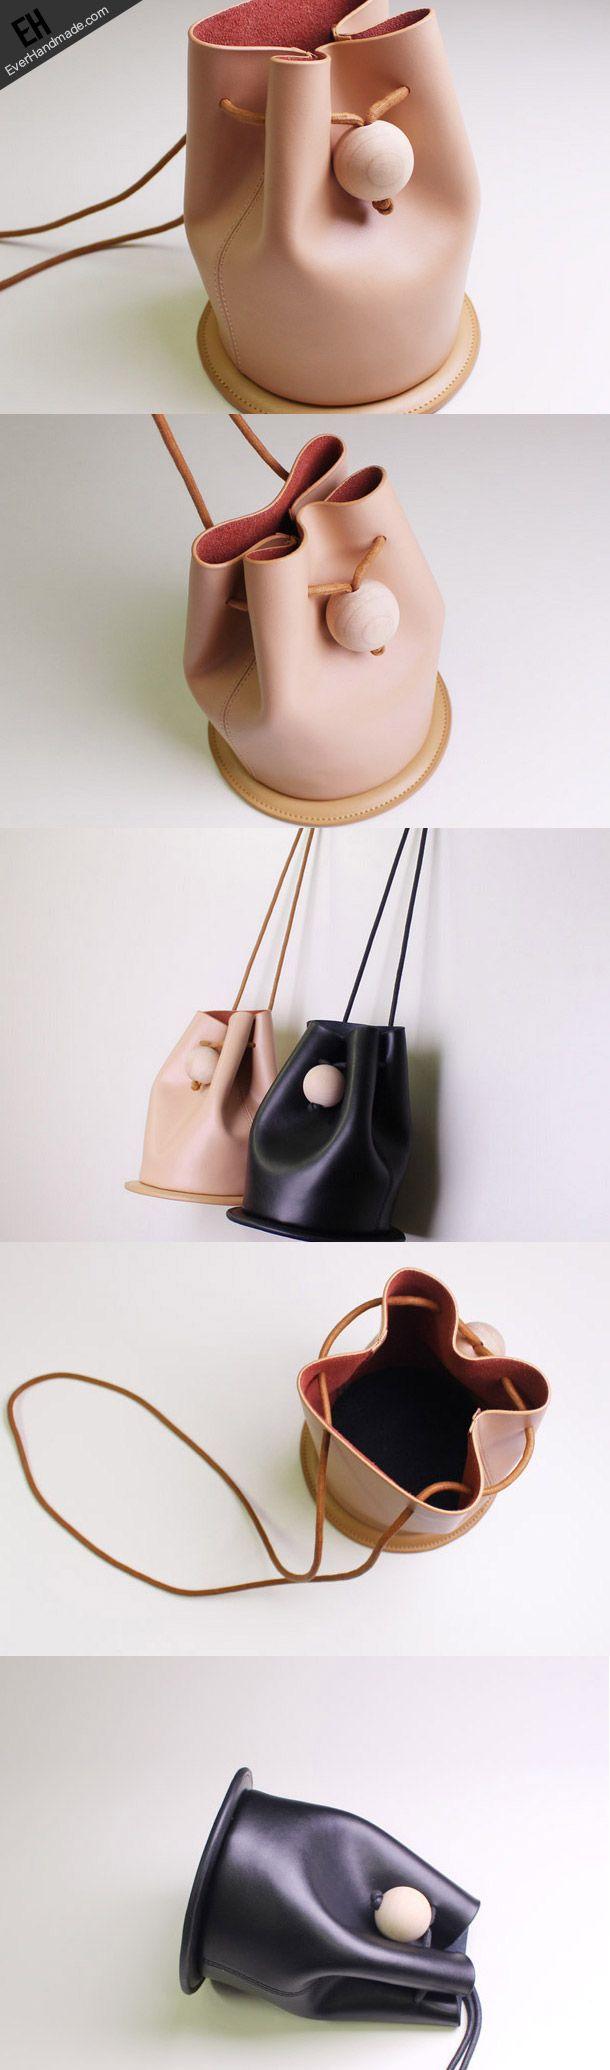 Handmade Leather bucket bag shoulder bag black beige for women leather crossbody bag